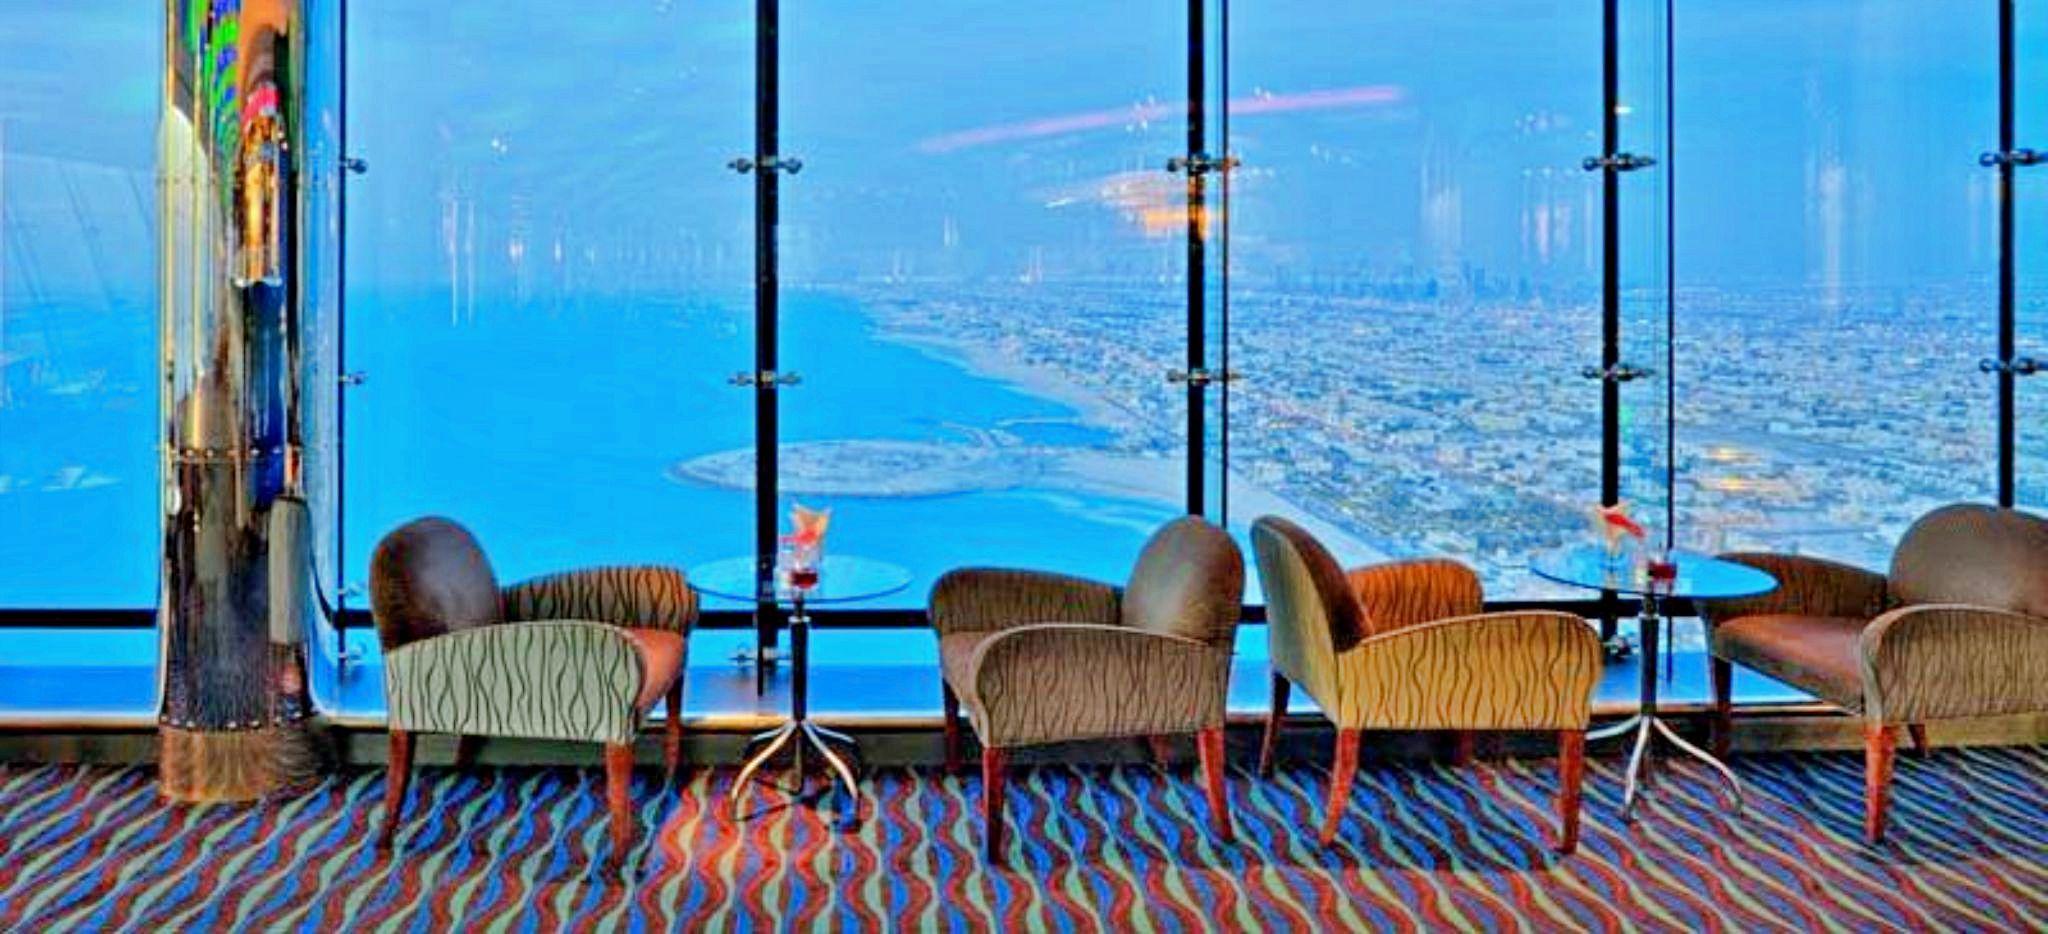 Blick auf Dubai von der Sky View Bar in der Spitze des Burj al Arab